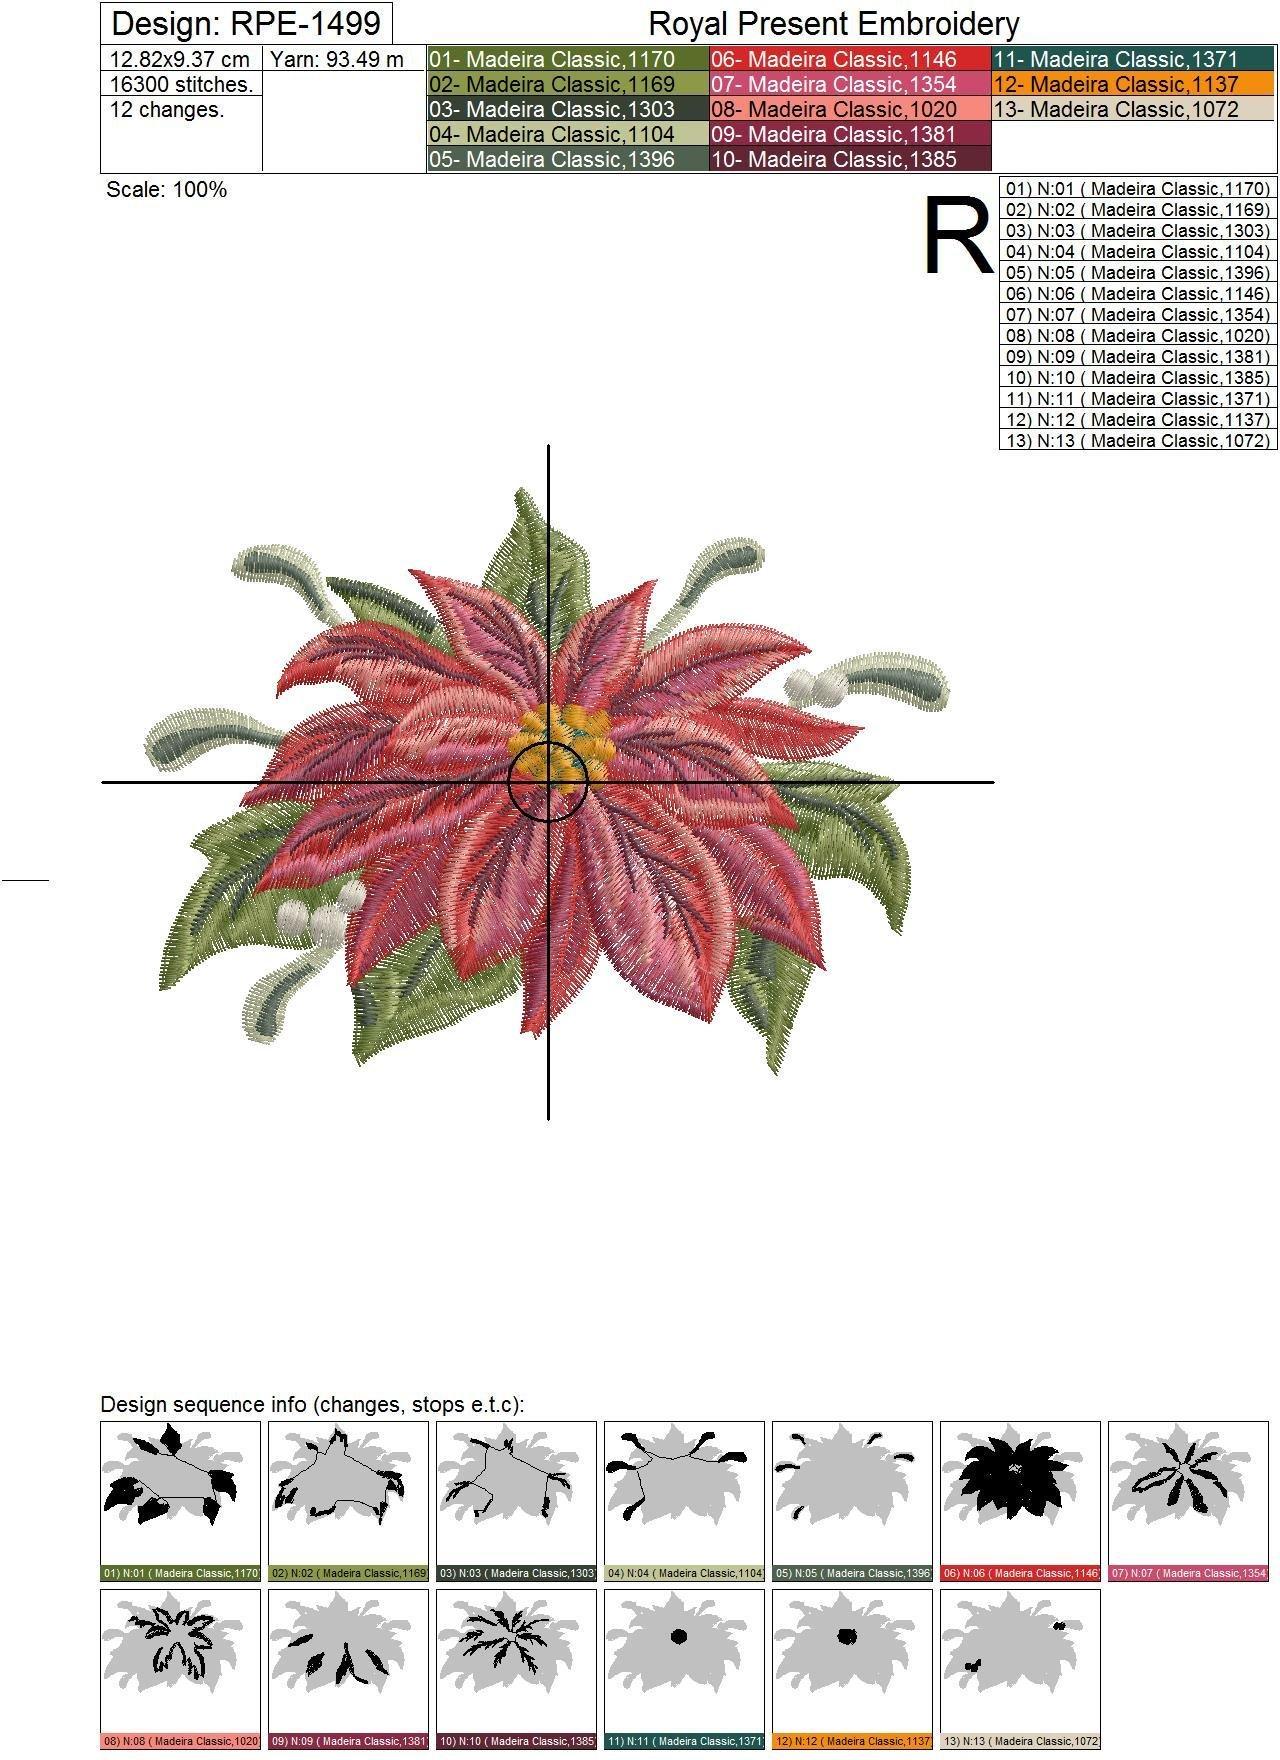 Poinsettia Free Machine Embroidery Design - 2 sizes